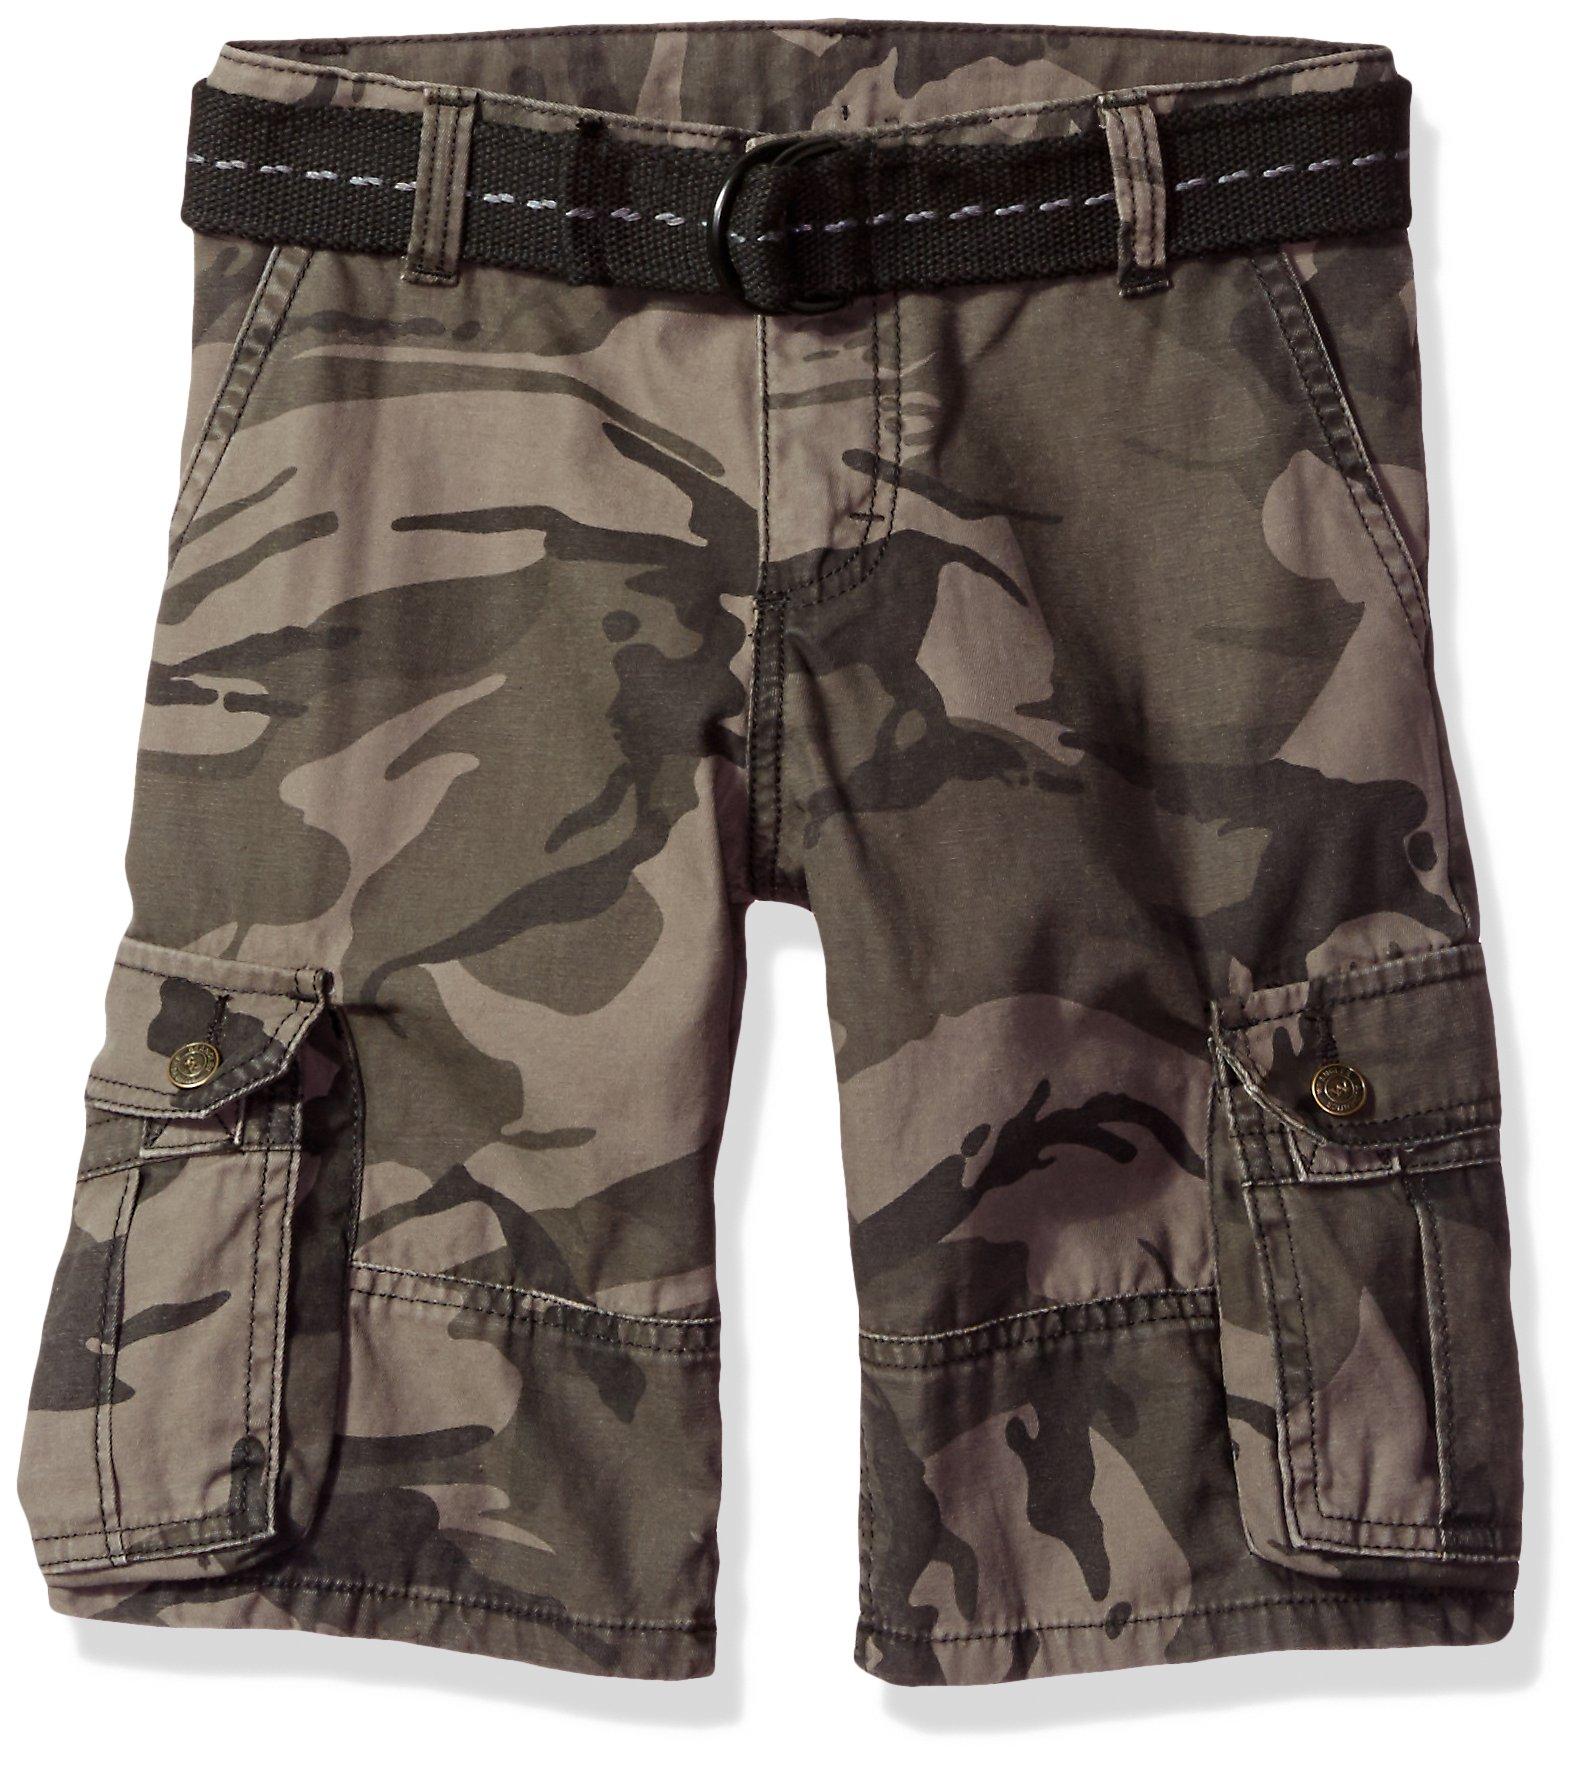 Wrangler Big Boys' Authentics Fashion Cargo Short, Anthracite Camo, 14